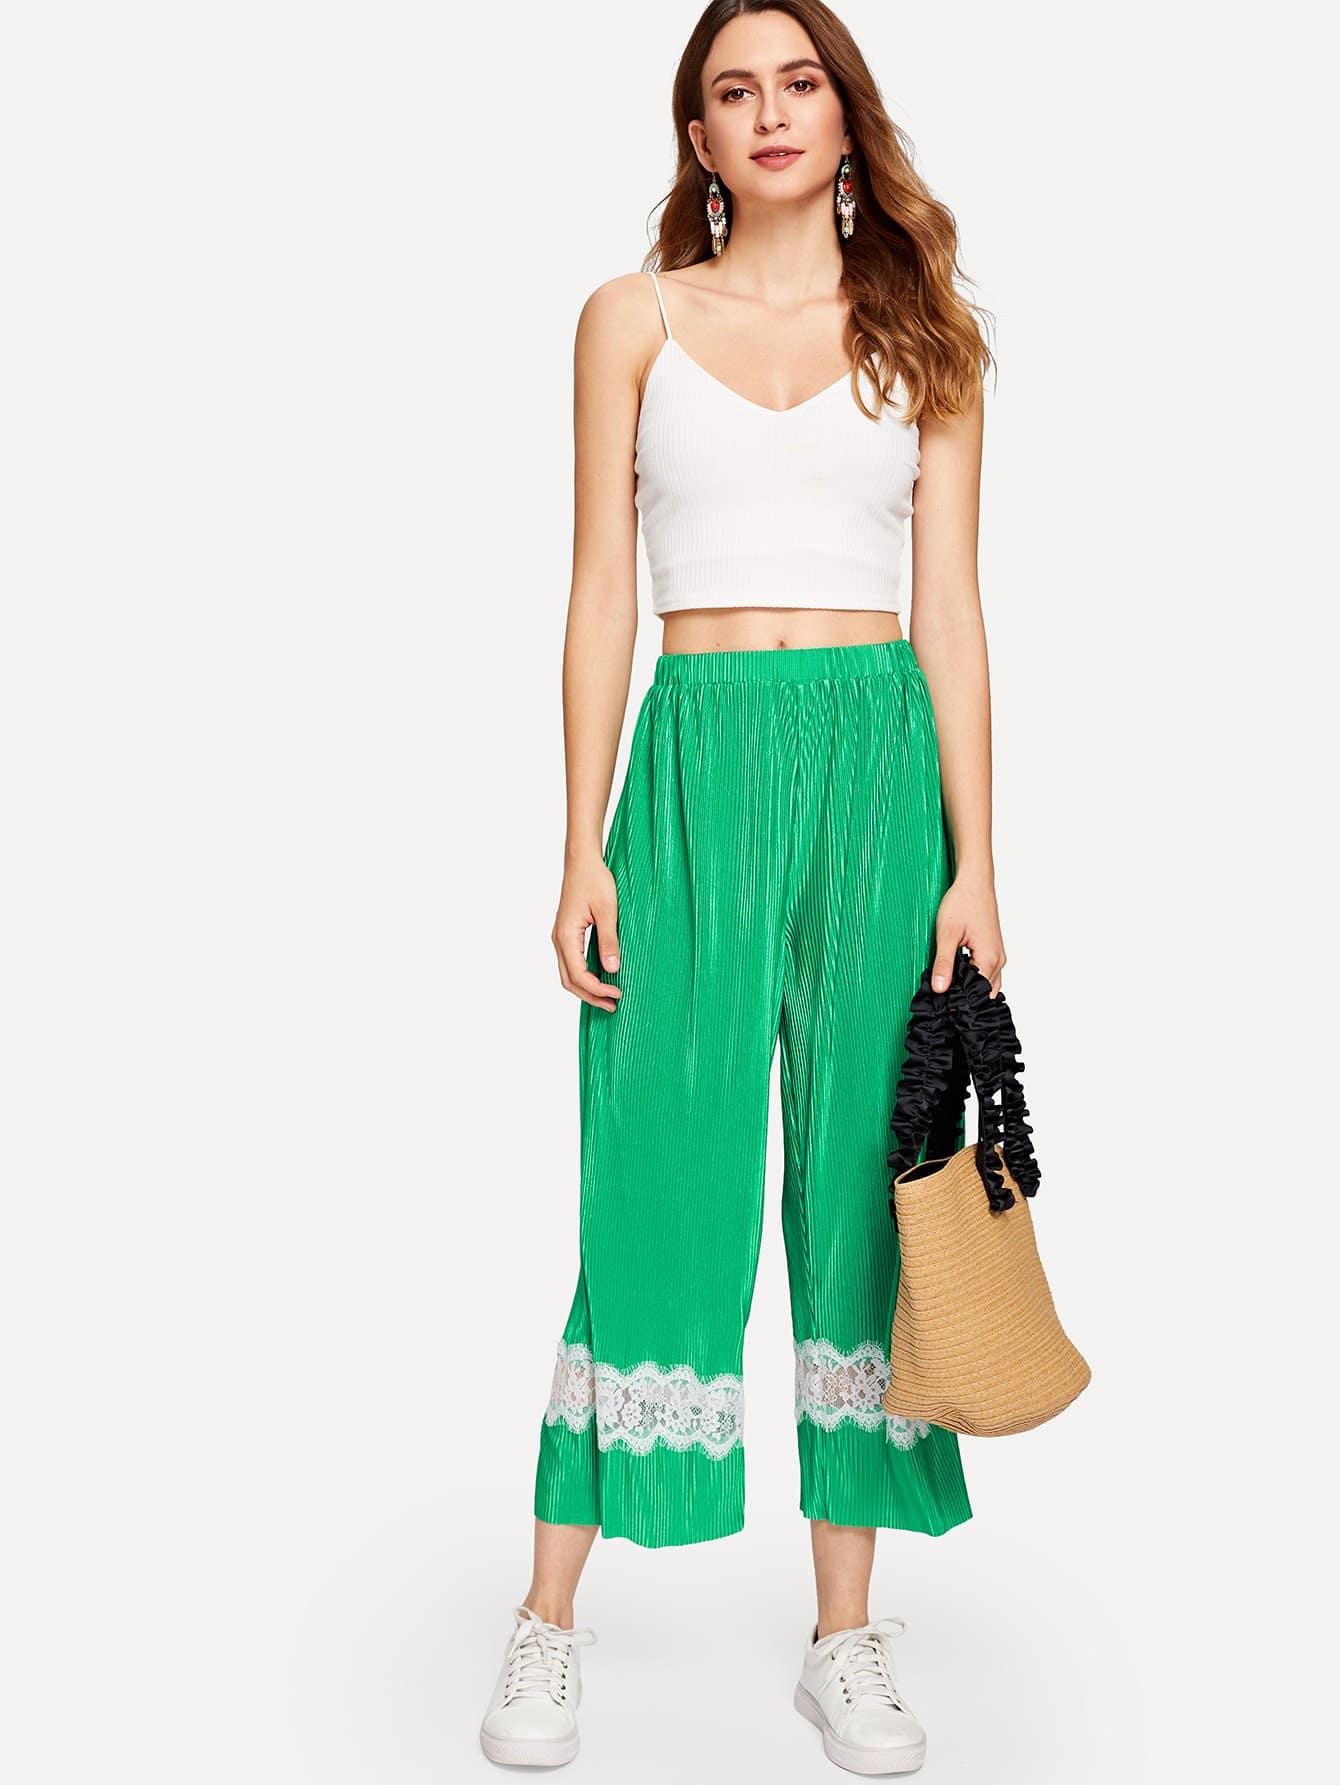 Contrast Lace Applique Pleated Culotte Pants contrast collar lace applique pleated pinstripe dress